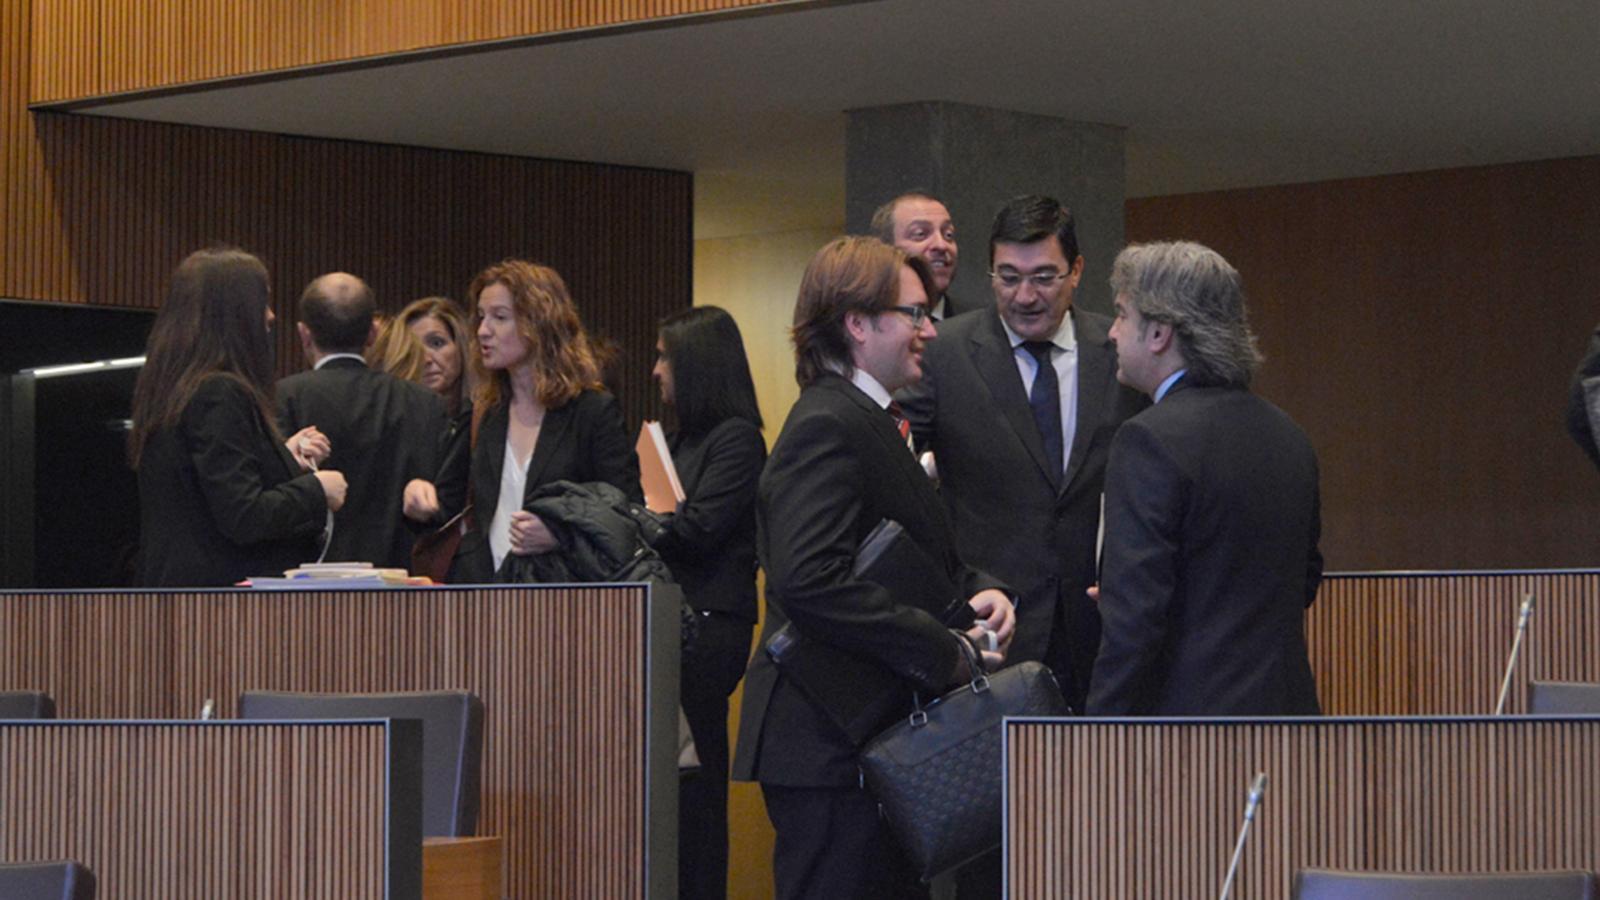 Consellers generals moments abans de l'inici de la sessió de Consell General. / M.F. (ANA)